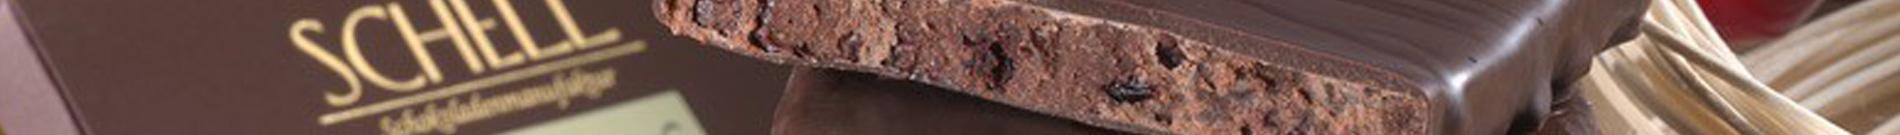 Schell Schokolade